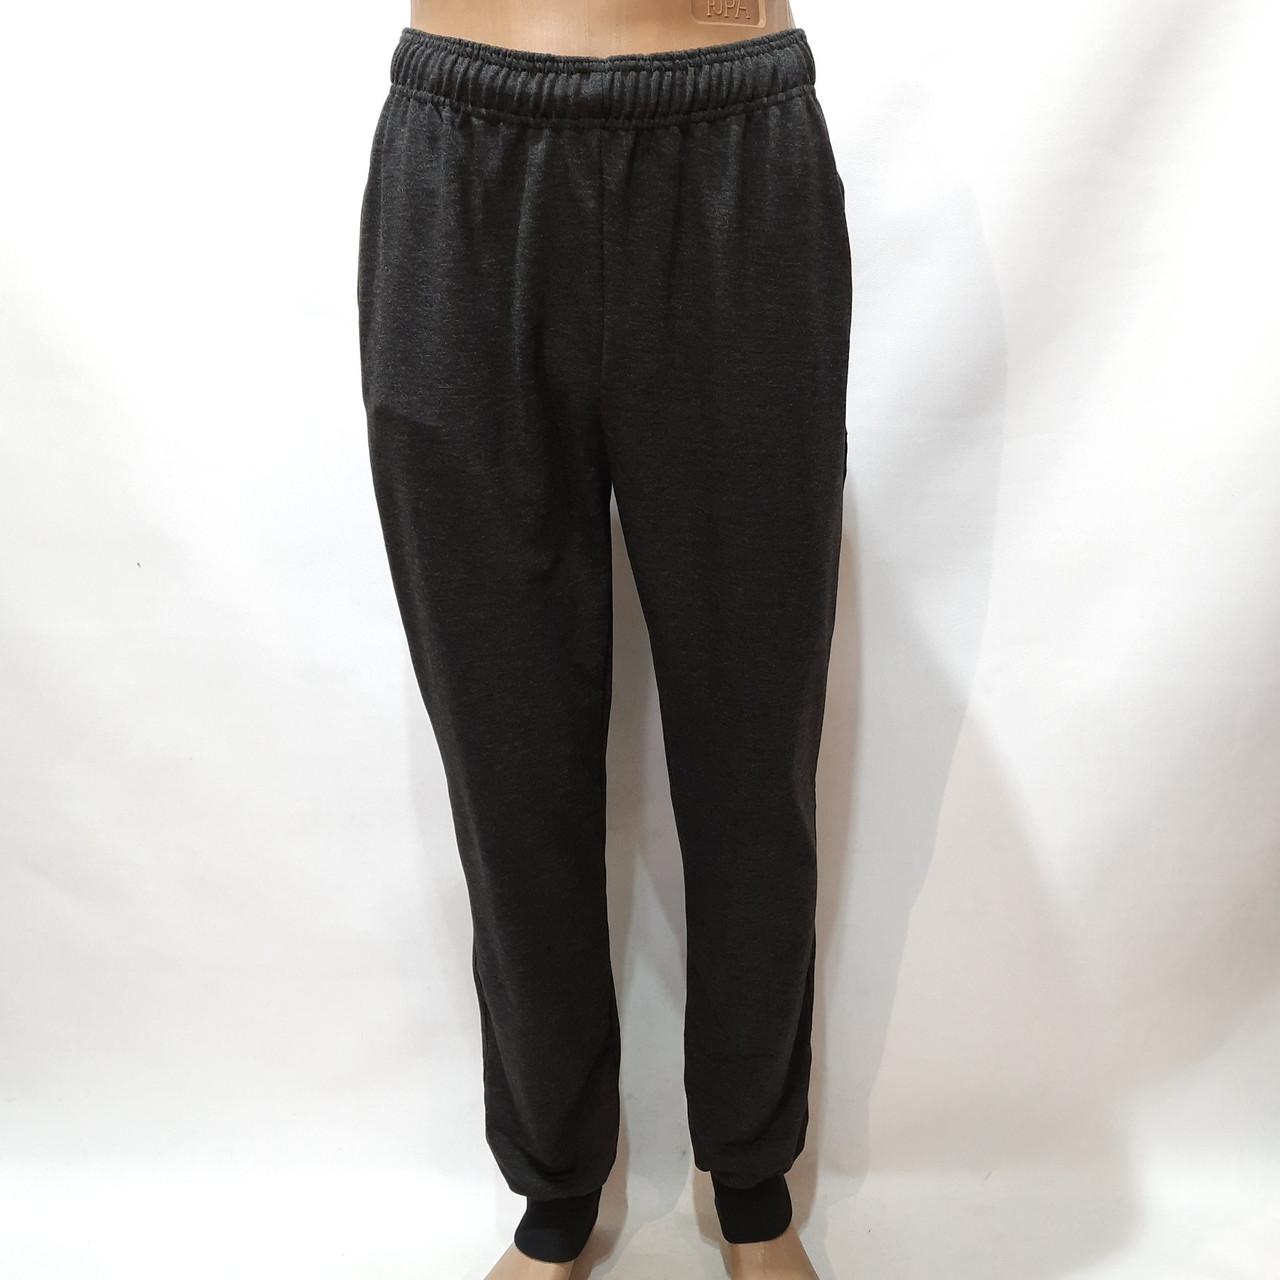 Спортивные штаны мужские под манжет (Больших размеров) р. 58,60,62,64 серые отличного качества